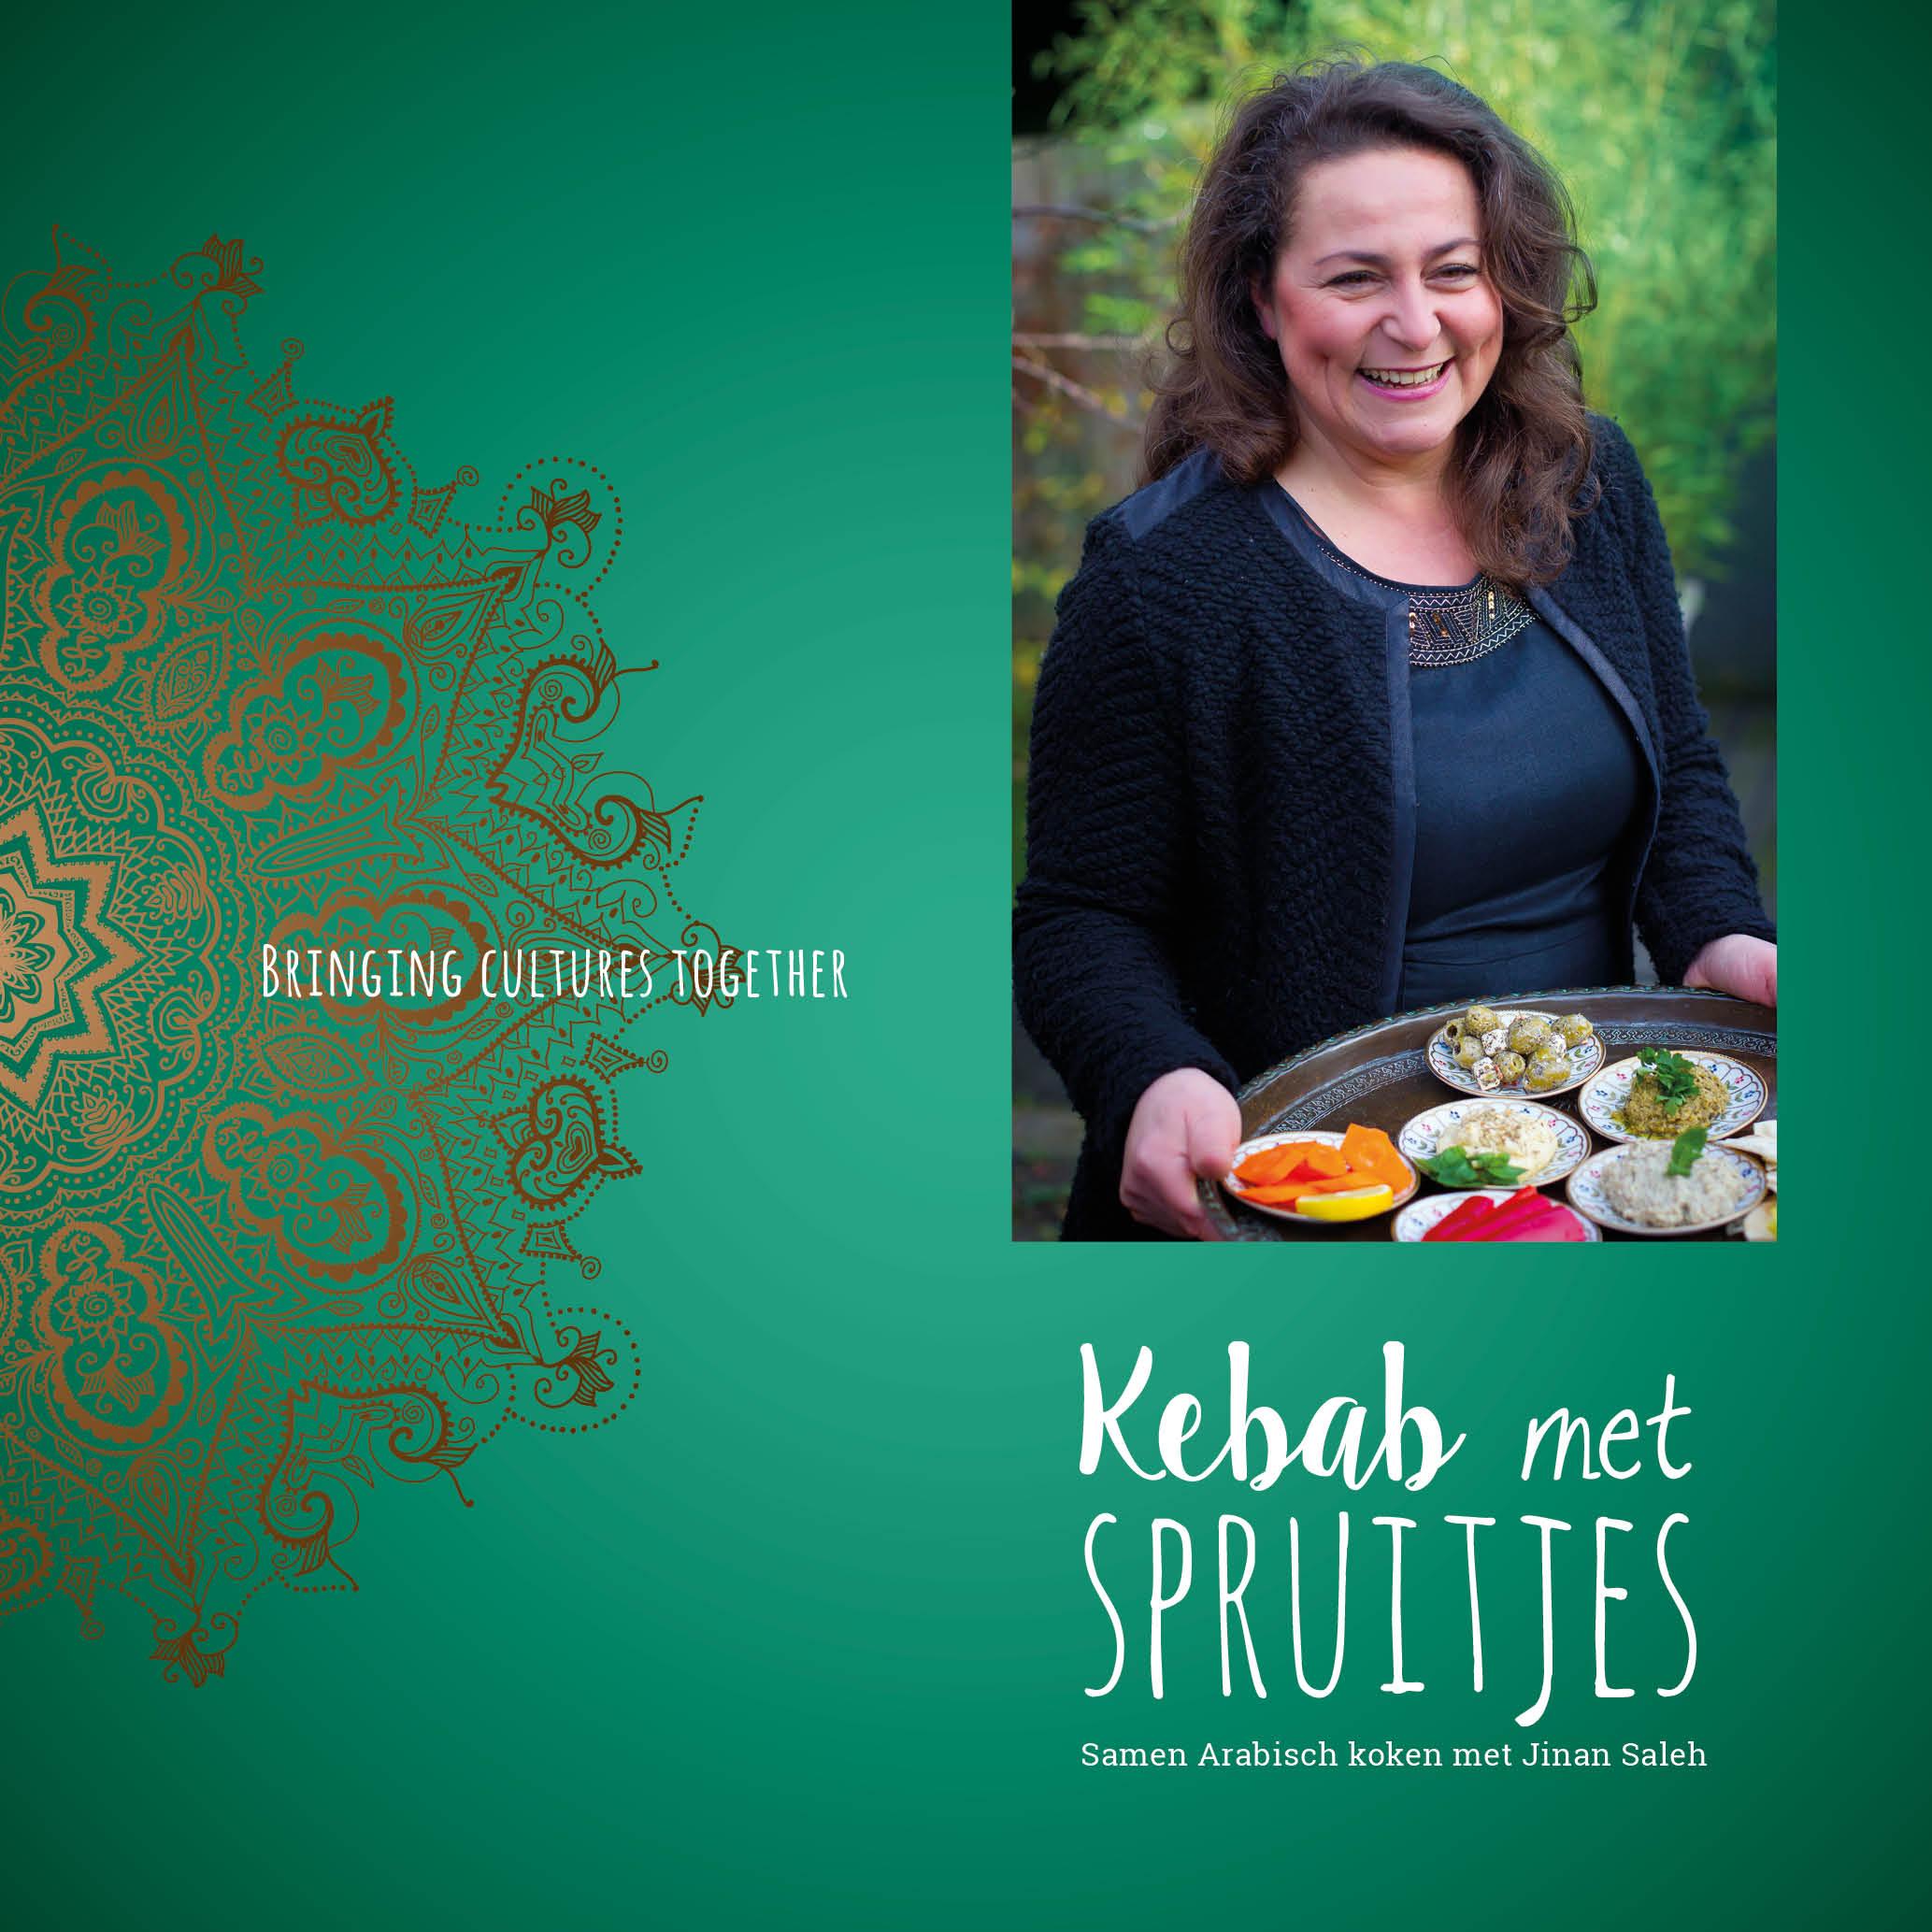 arabisch kookboek kebab met spruitjes